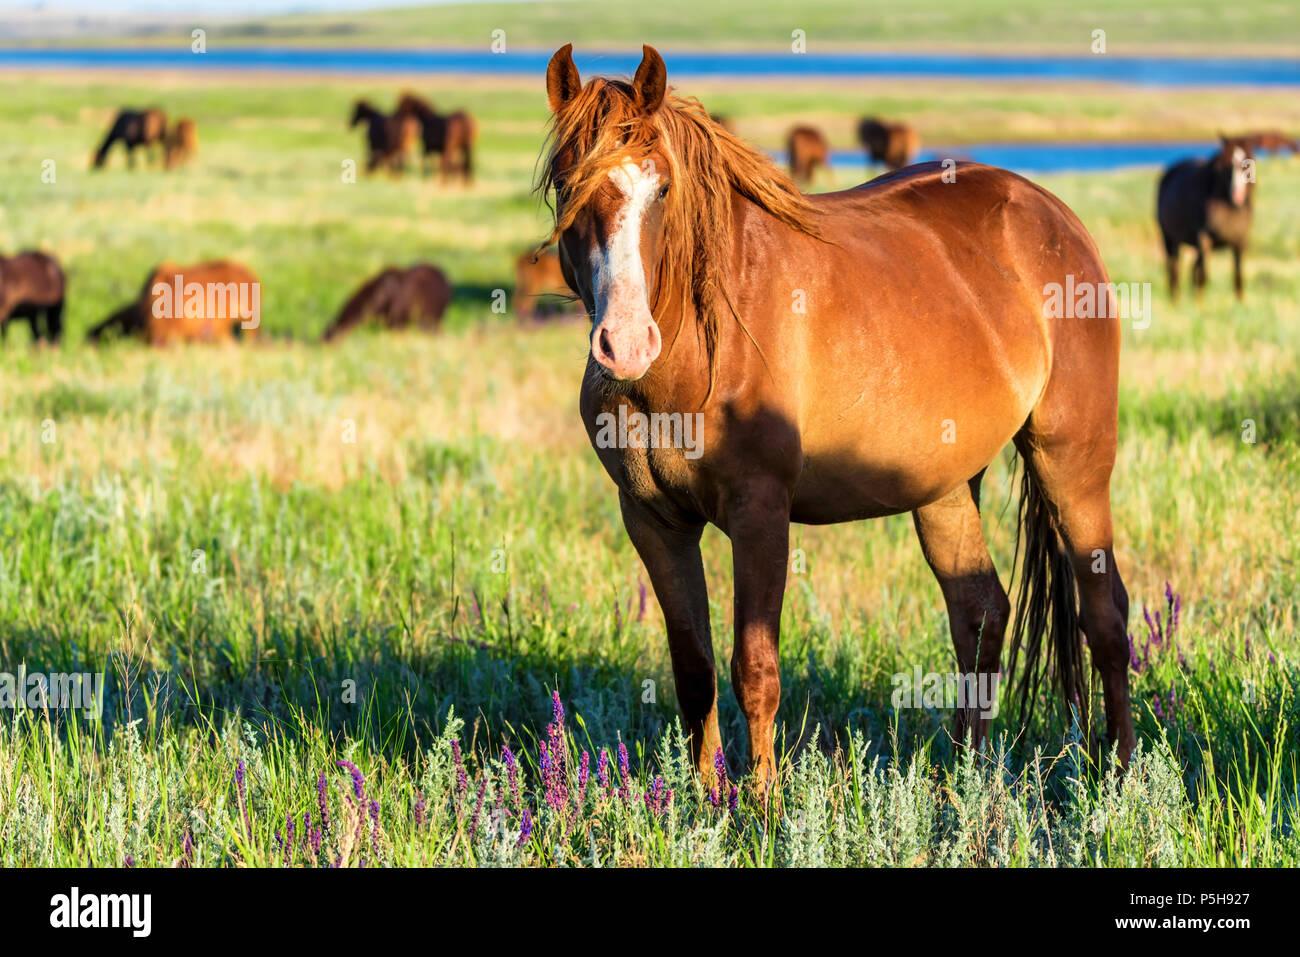 Caballos salvajes pastan en la pradera de verano Imagen De Stock